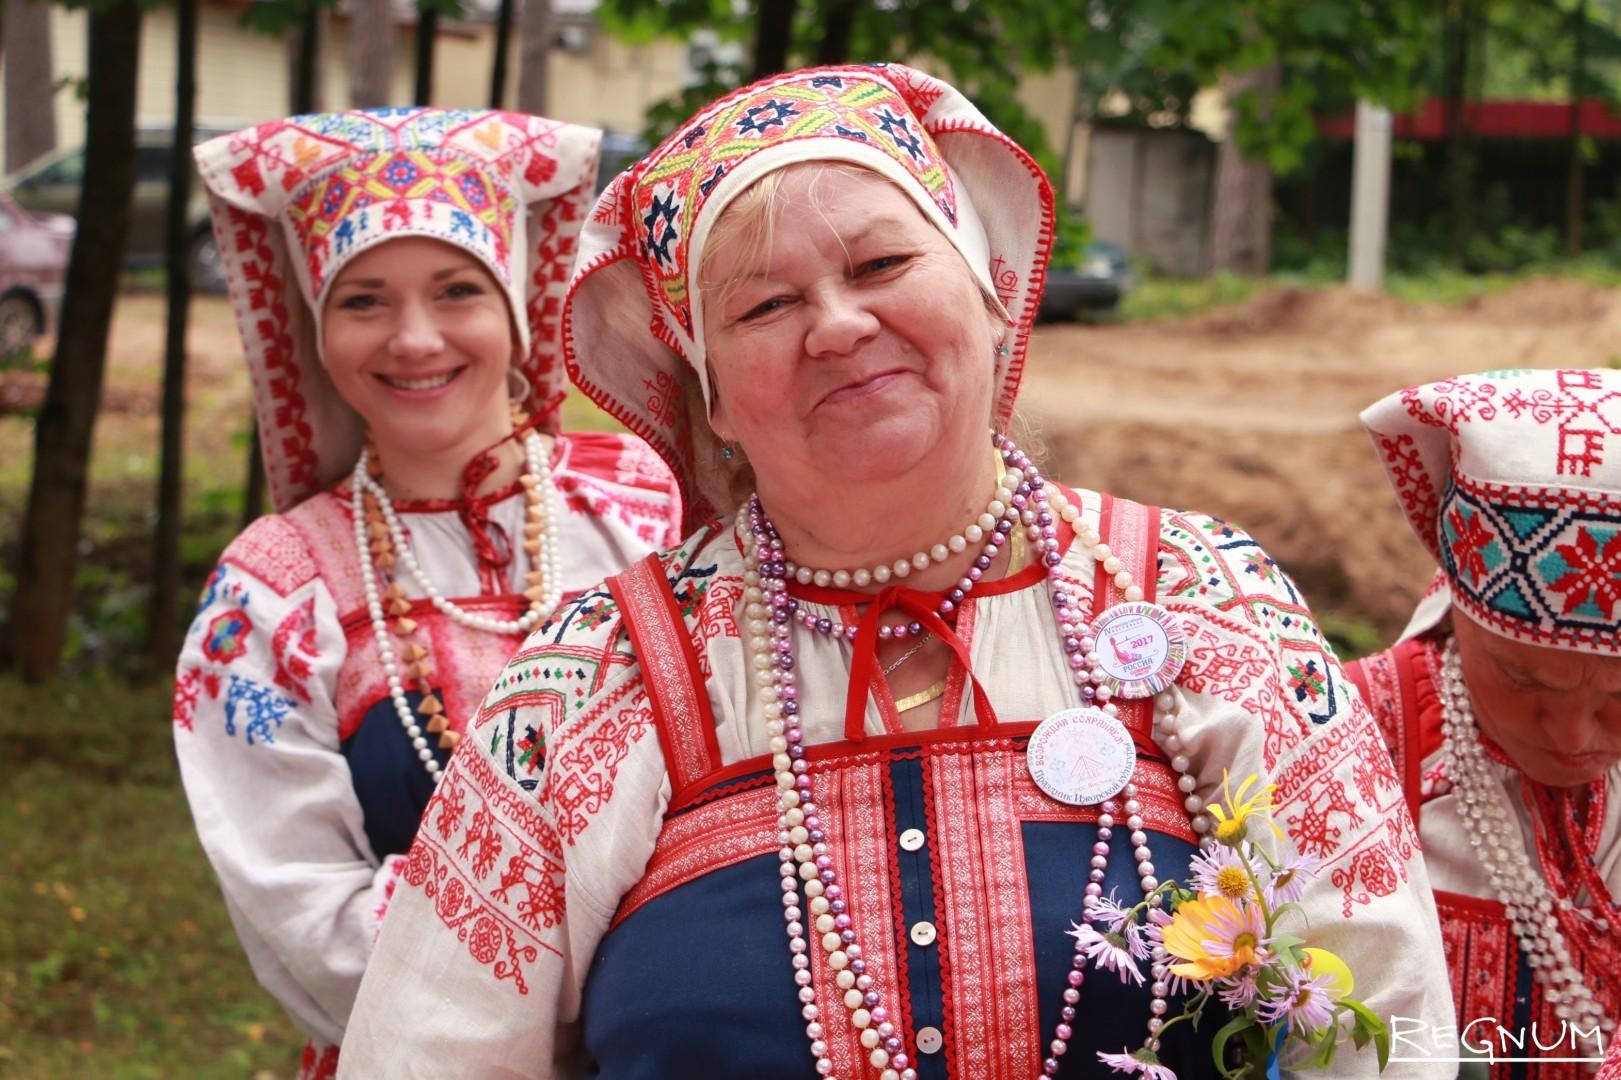 Праздник ижорской культуры в Вистино